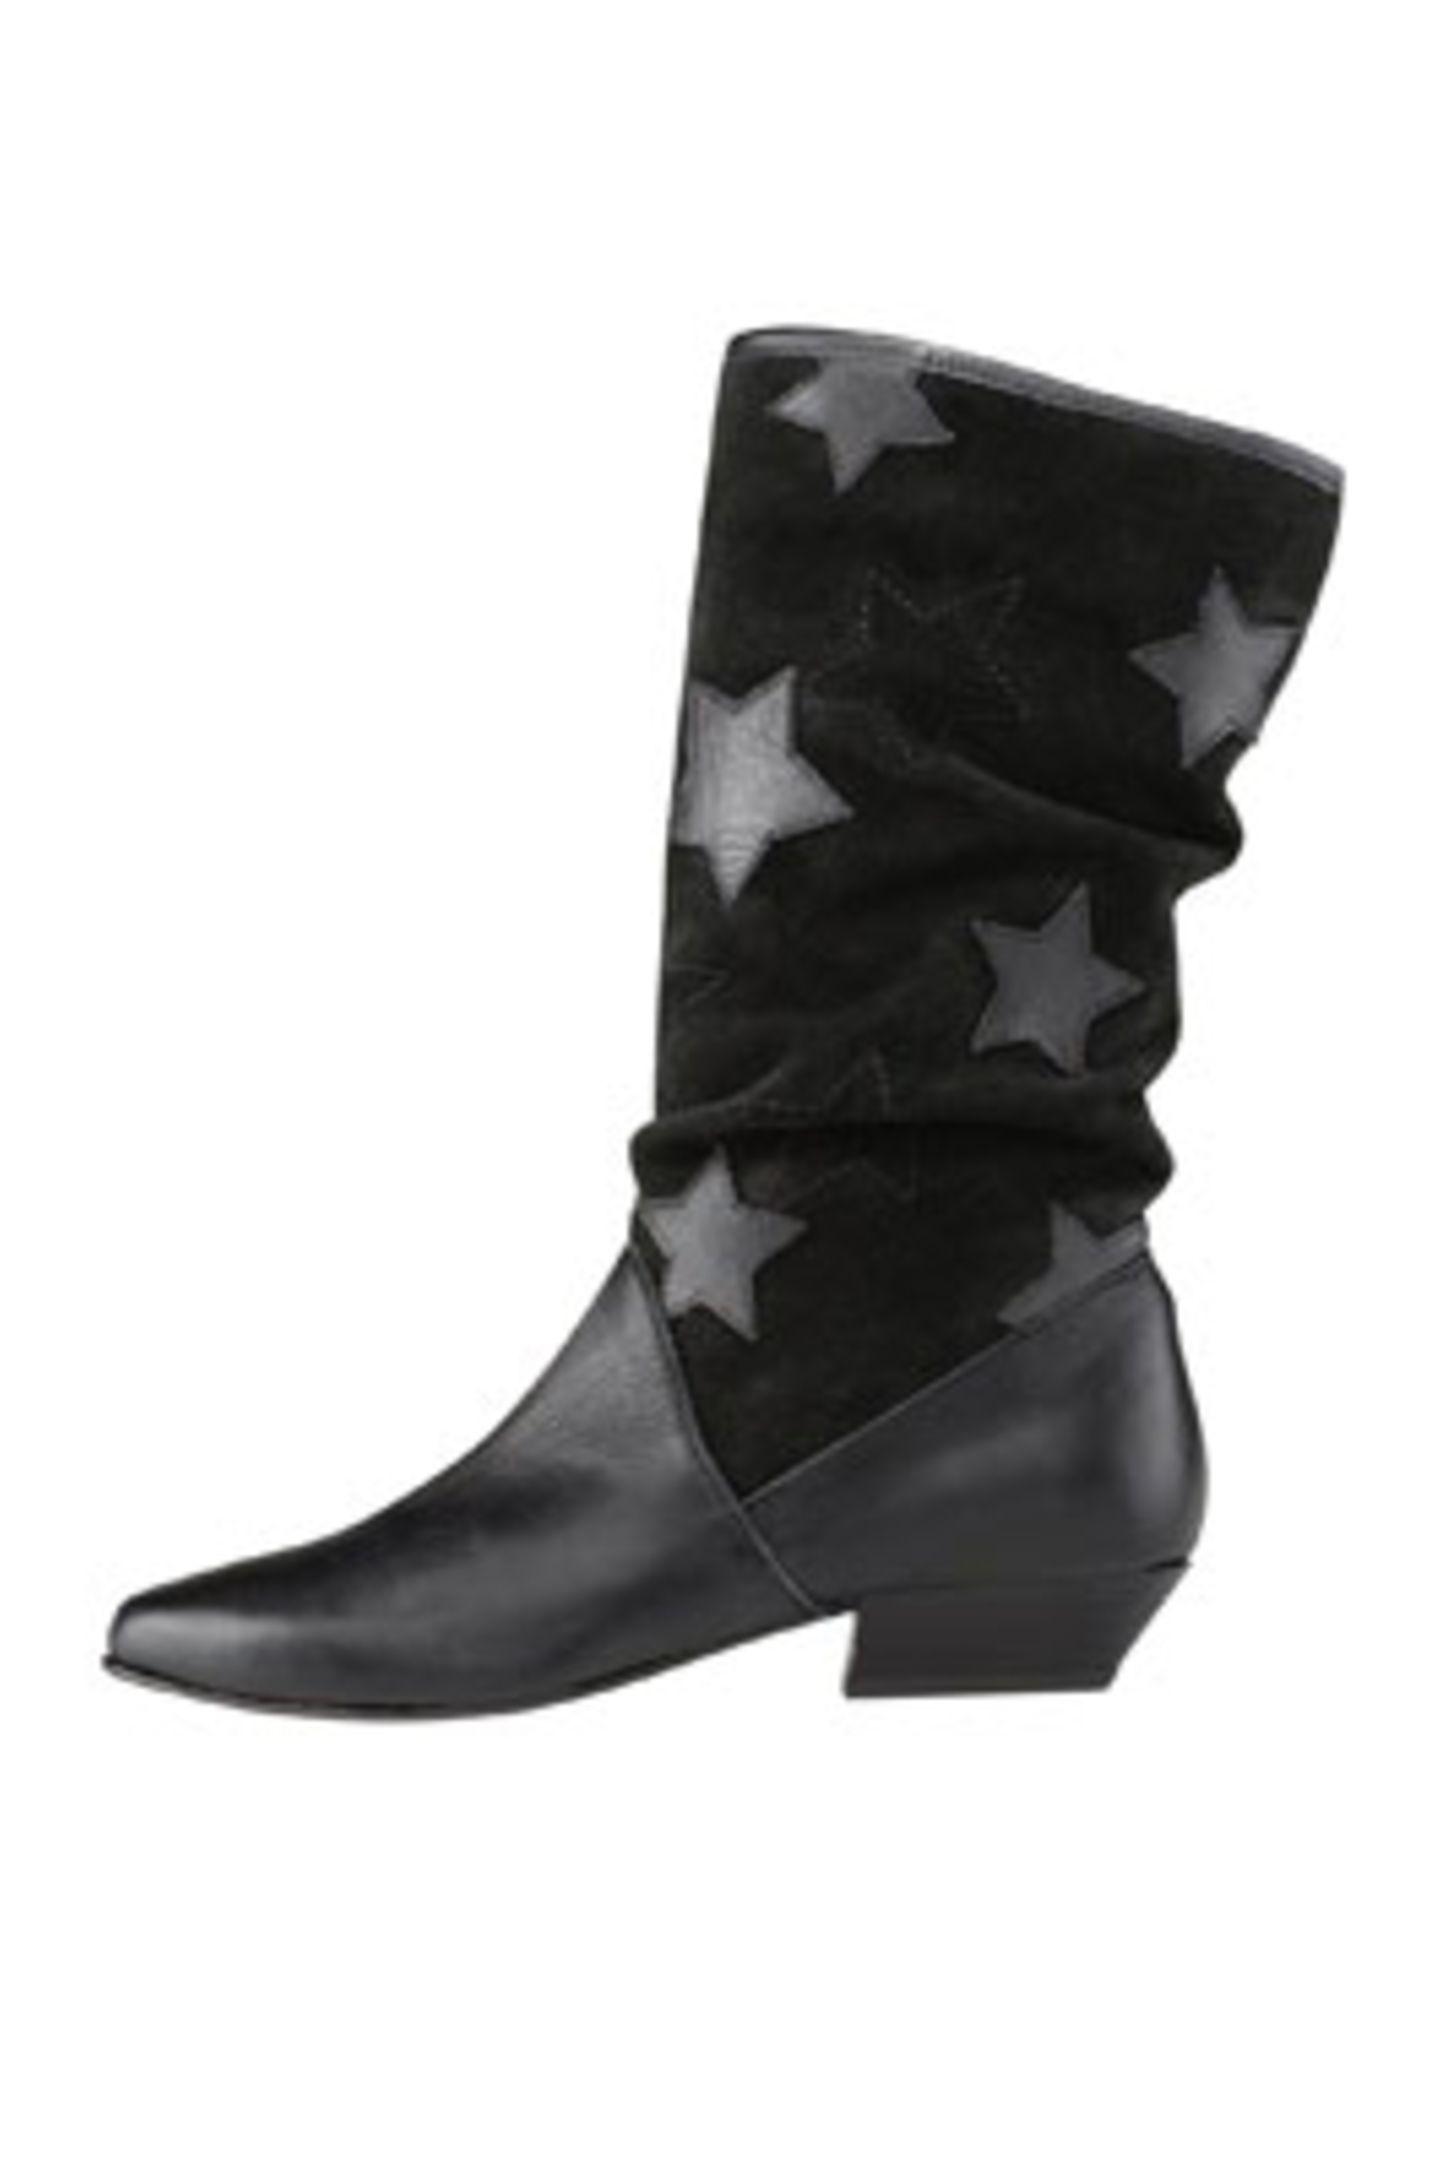 Schwarzer Stiefel mit Sternenmuster am Schafft; 89,95 Euro; von Akira über Görtz 17